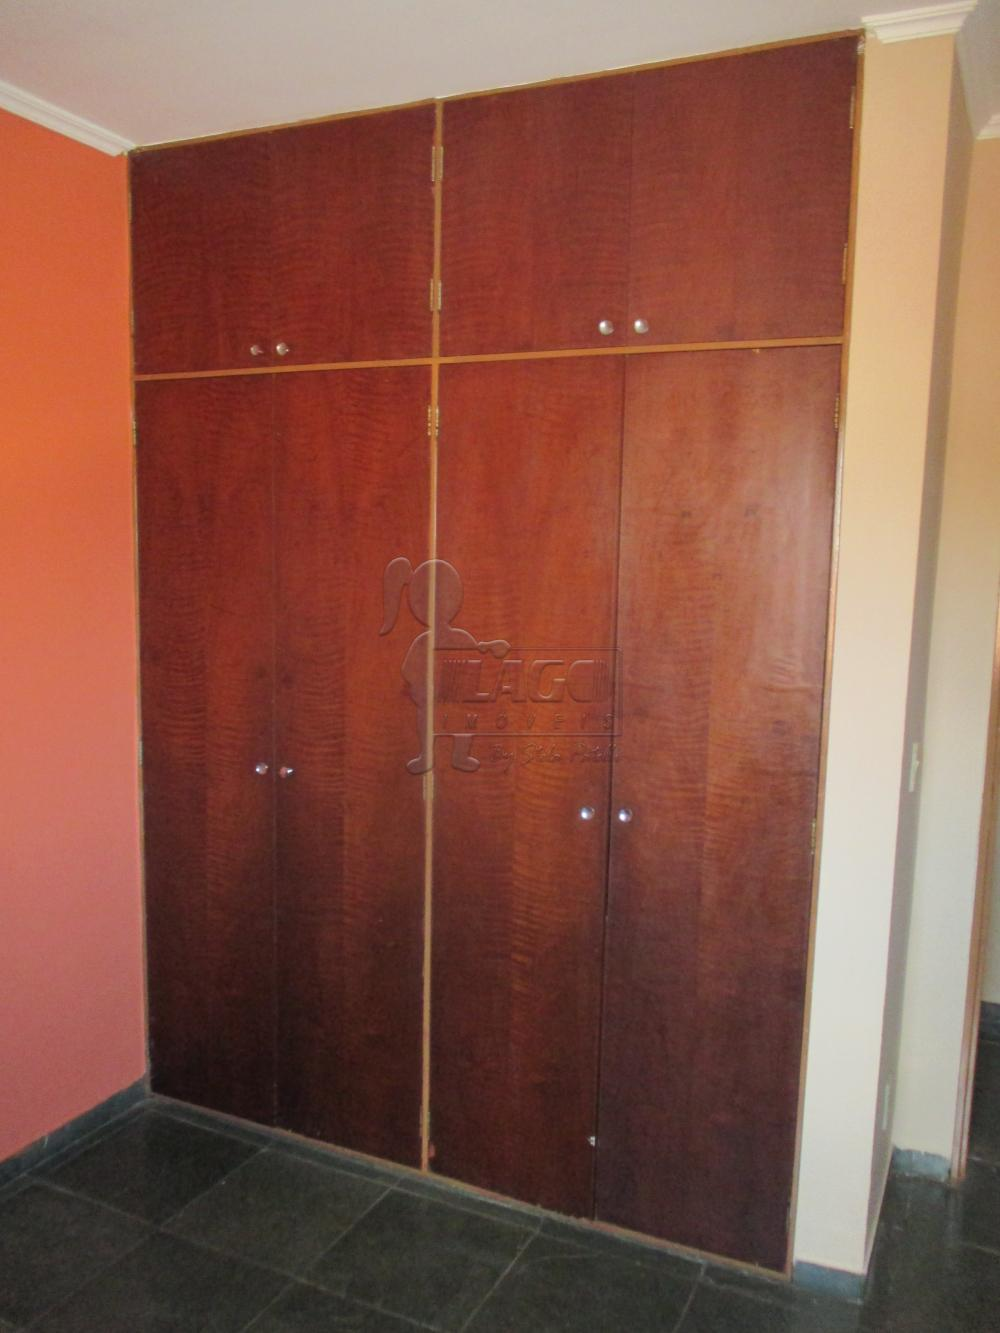 Alugar Apartamento / Padrão em Ribeirão Preto apenas R$ 850,00 - Foto 11